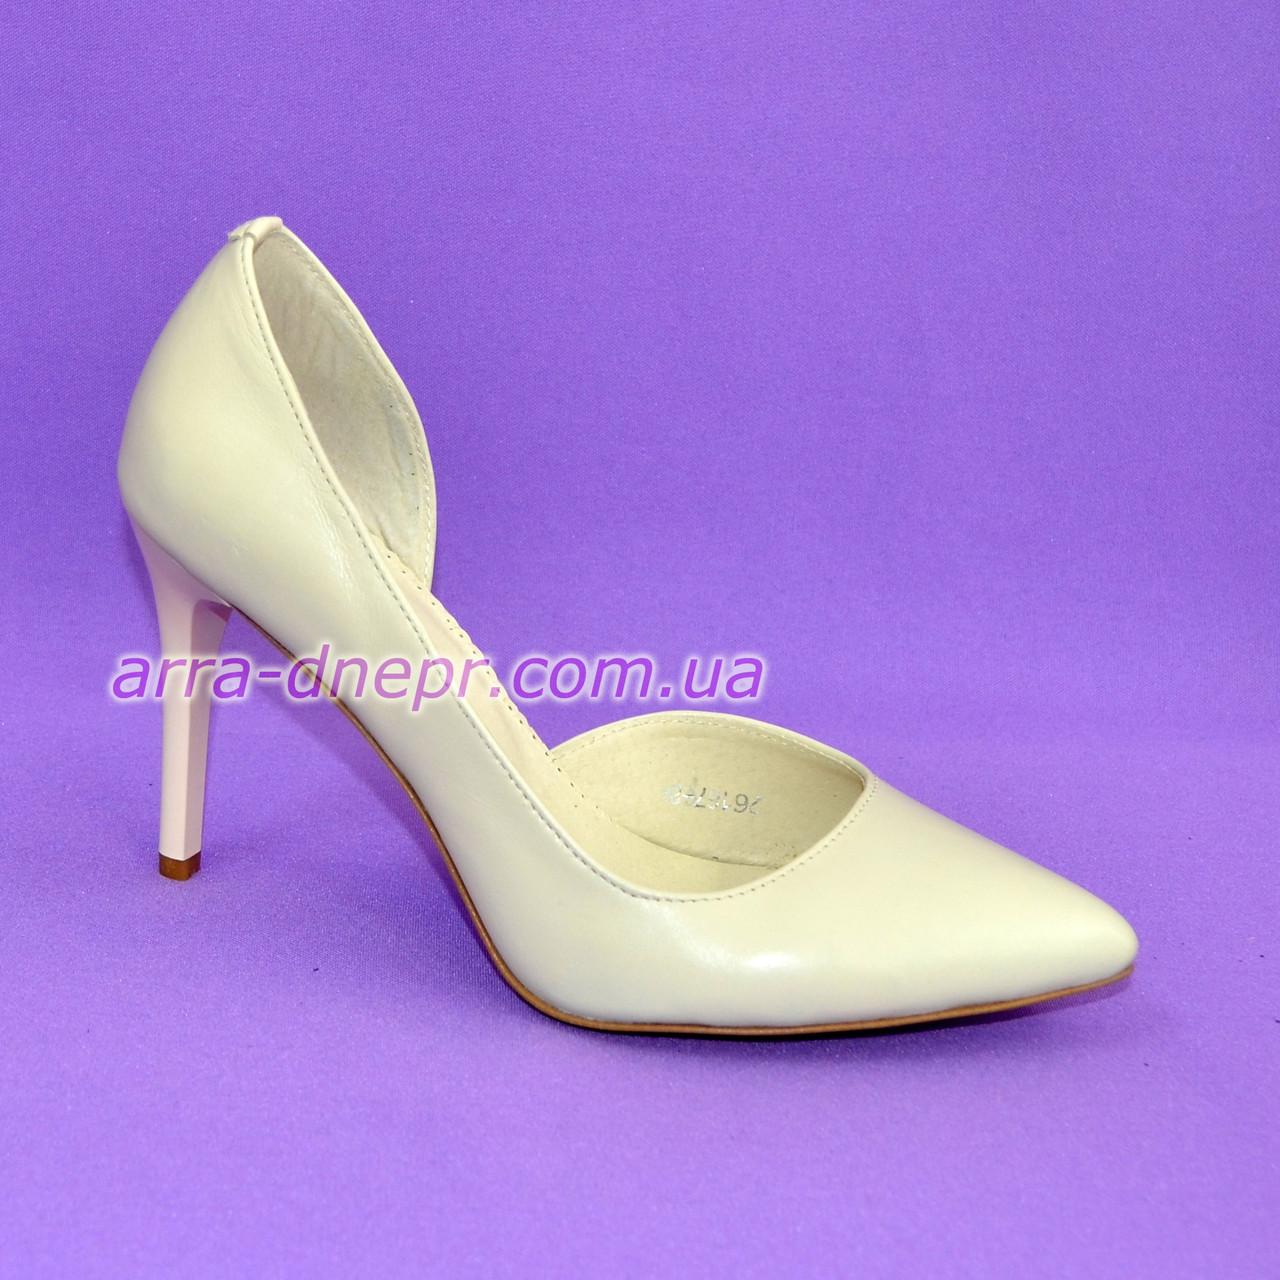 Стильные женские туфли на шпильке, натуральная кожа бежевого цвета